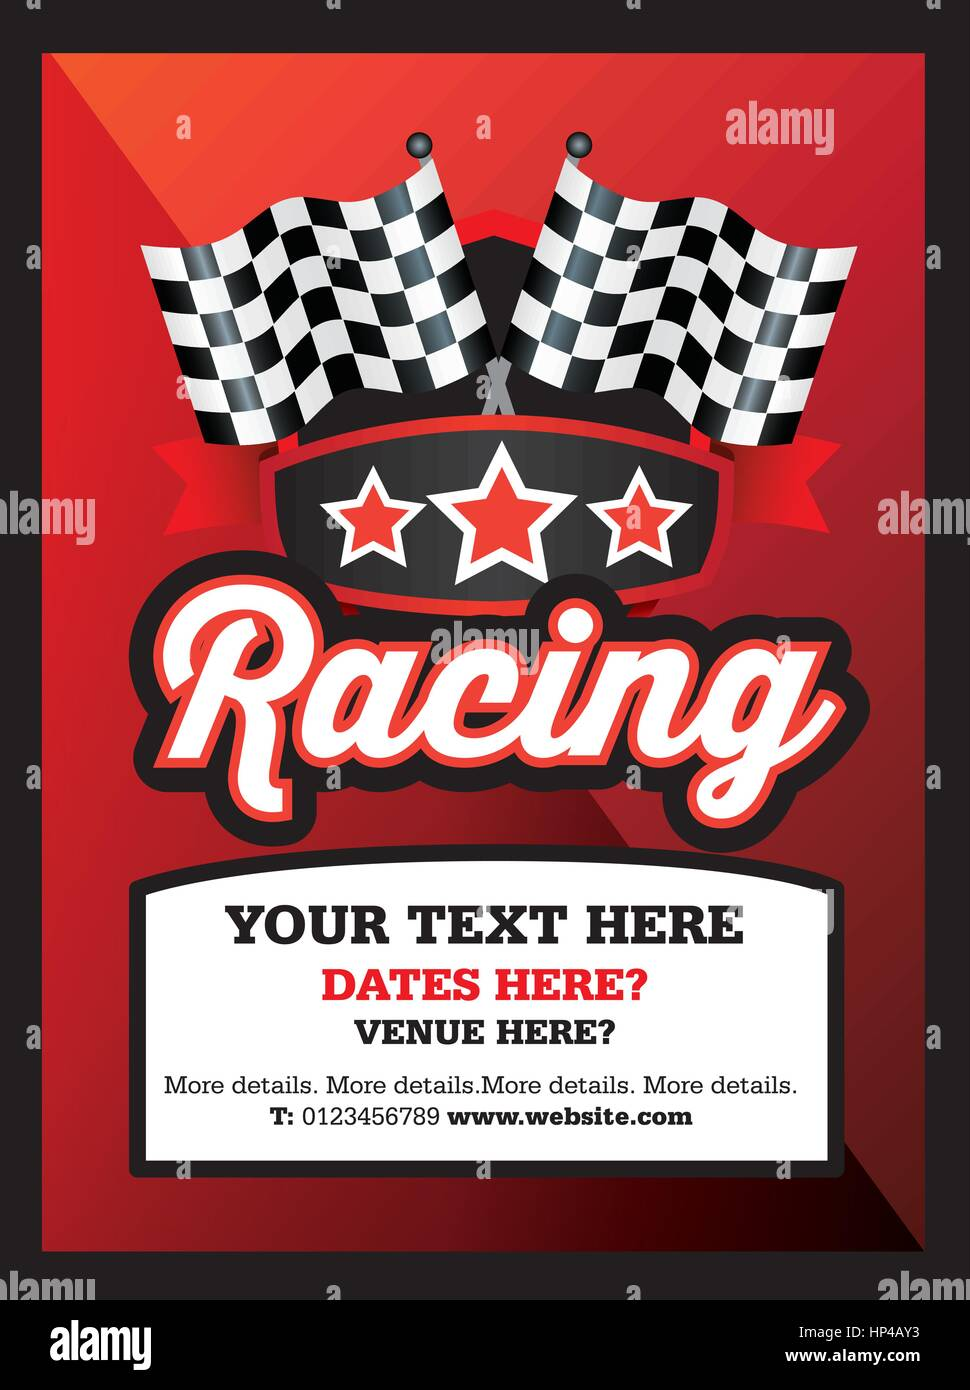 racing flyer